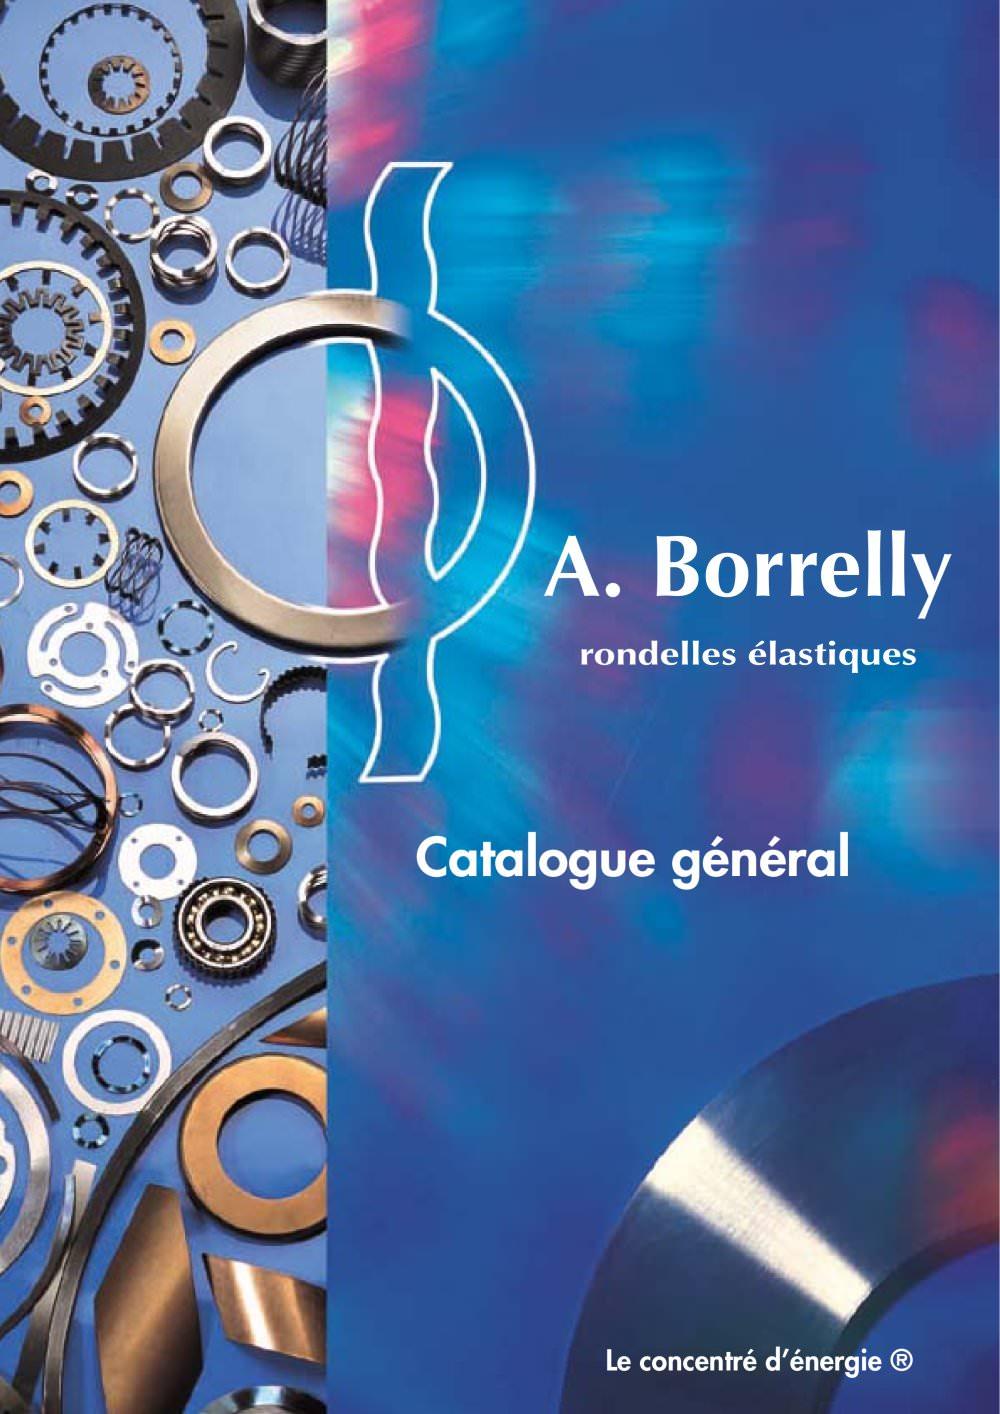 Catalogue Général Borrelly Rondelles élastiques Borrelly Spring